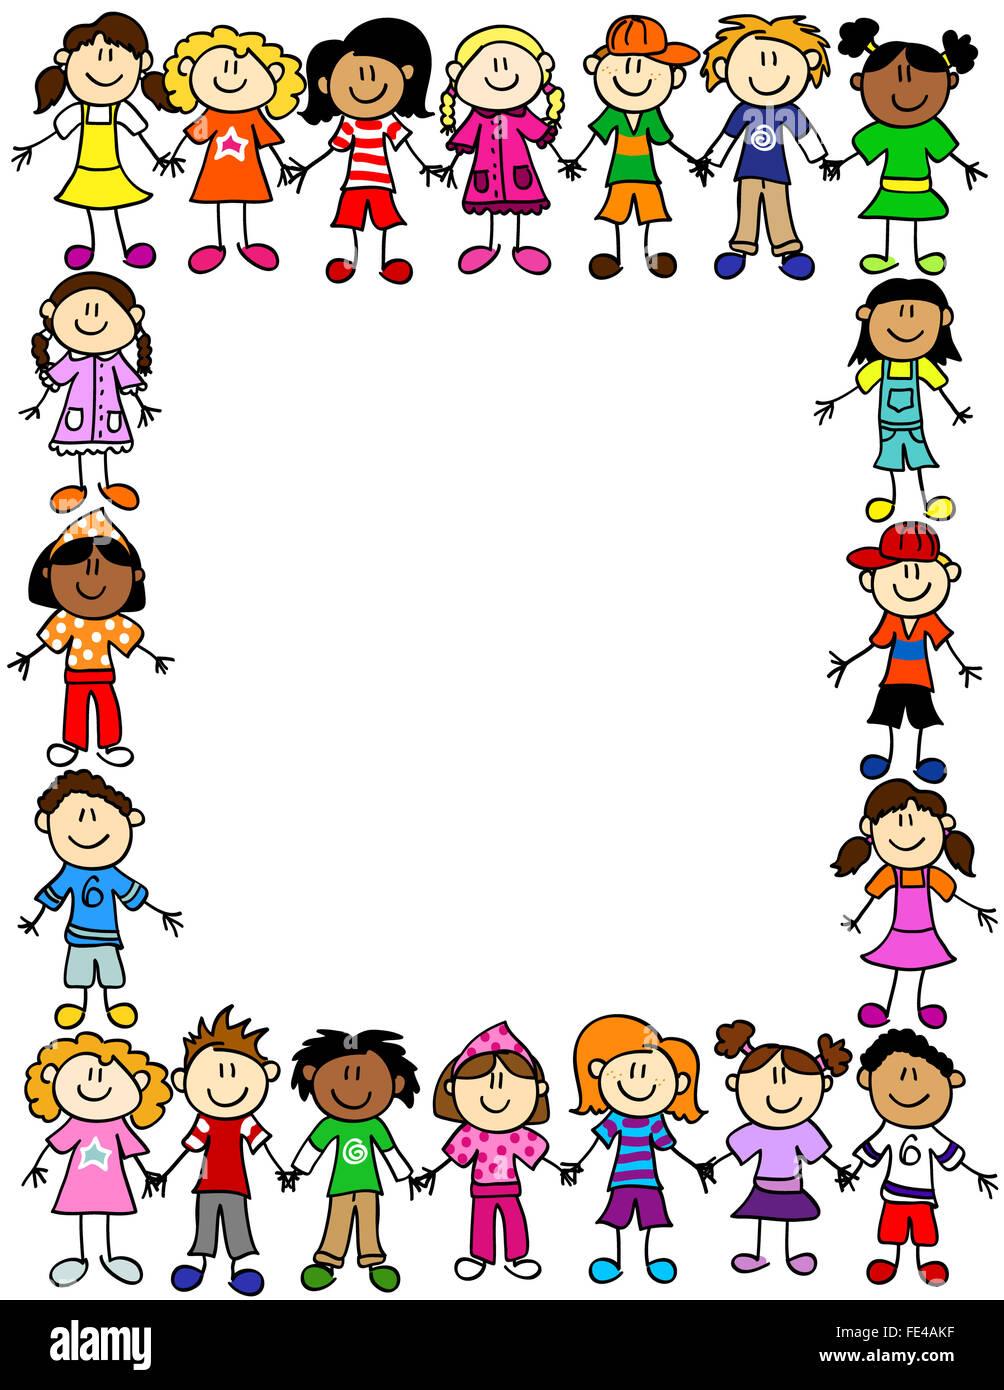 Rahmen Oder Seite Grenze Von Niedlichen Kind Comic Figuren Die Hand In Hand Stockfoto Bild